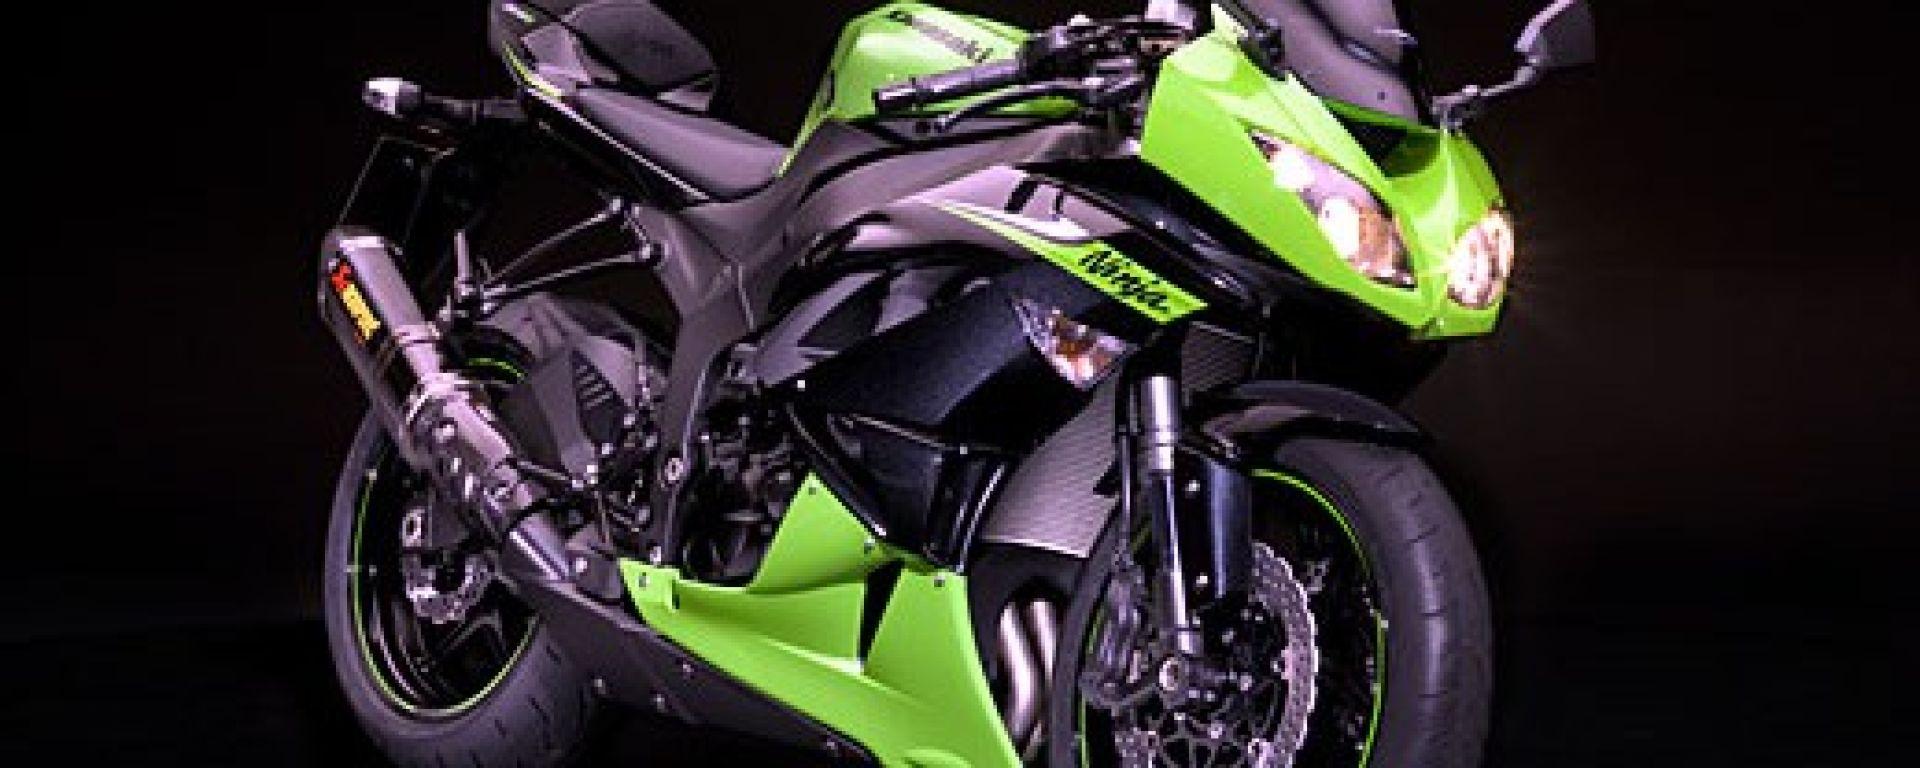 Kawasaki Limited Edition